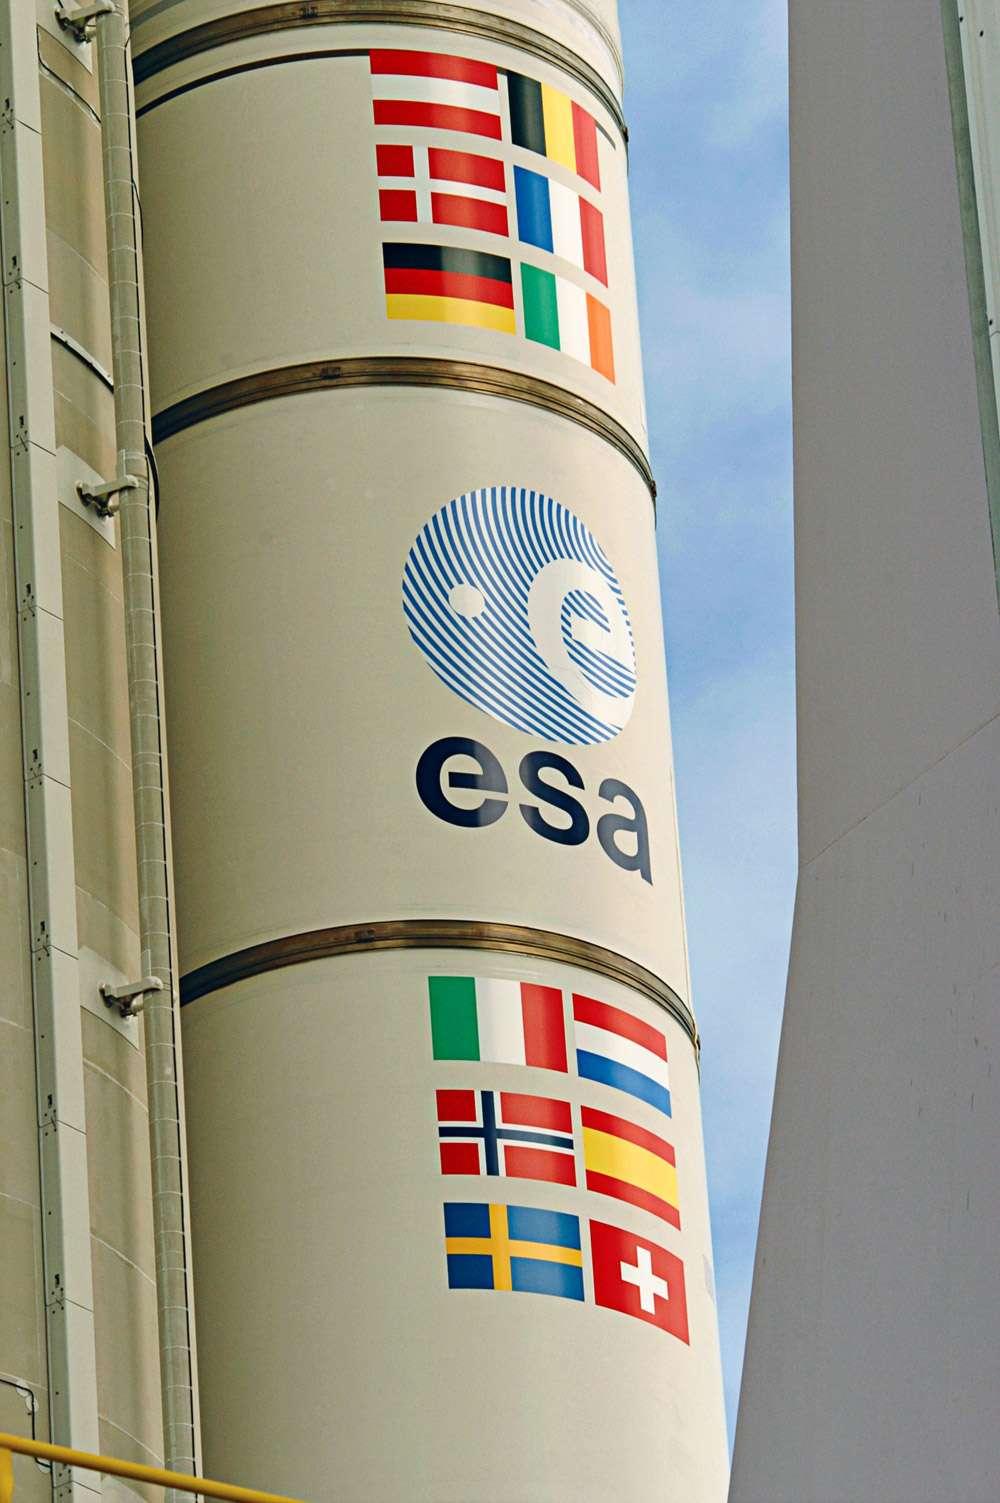 L'Agence spatiale européenne n'a pas encore officiellement décidé d'engager le développement complet d'Ariane 5 ME, mais après la Revue de définition préliminaire, tous les clignotants techniques sont au vert. © Esa/S. Corvaja